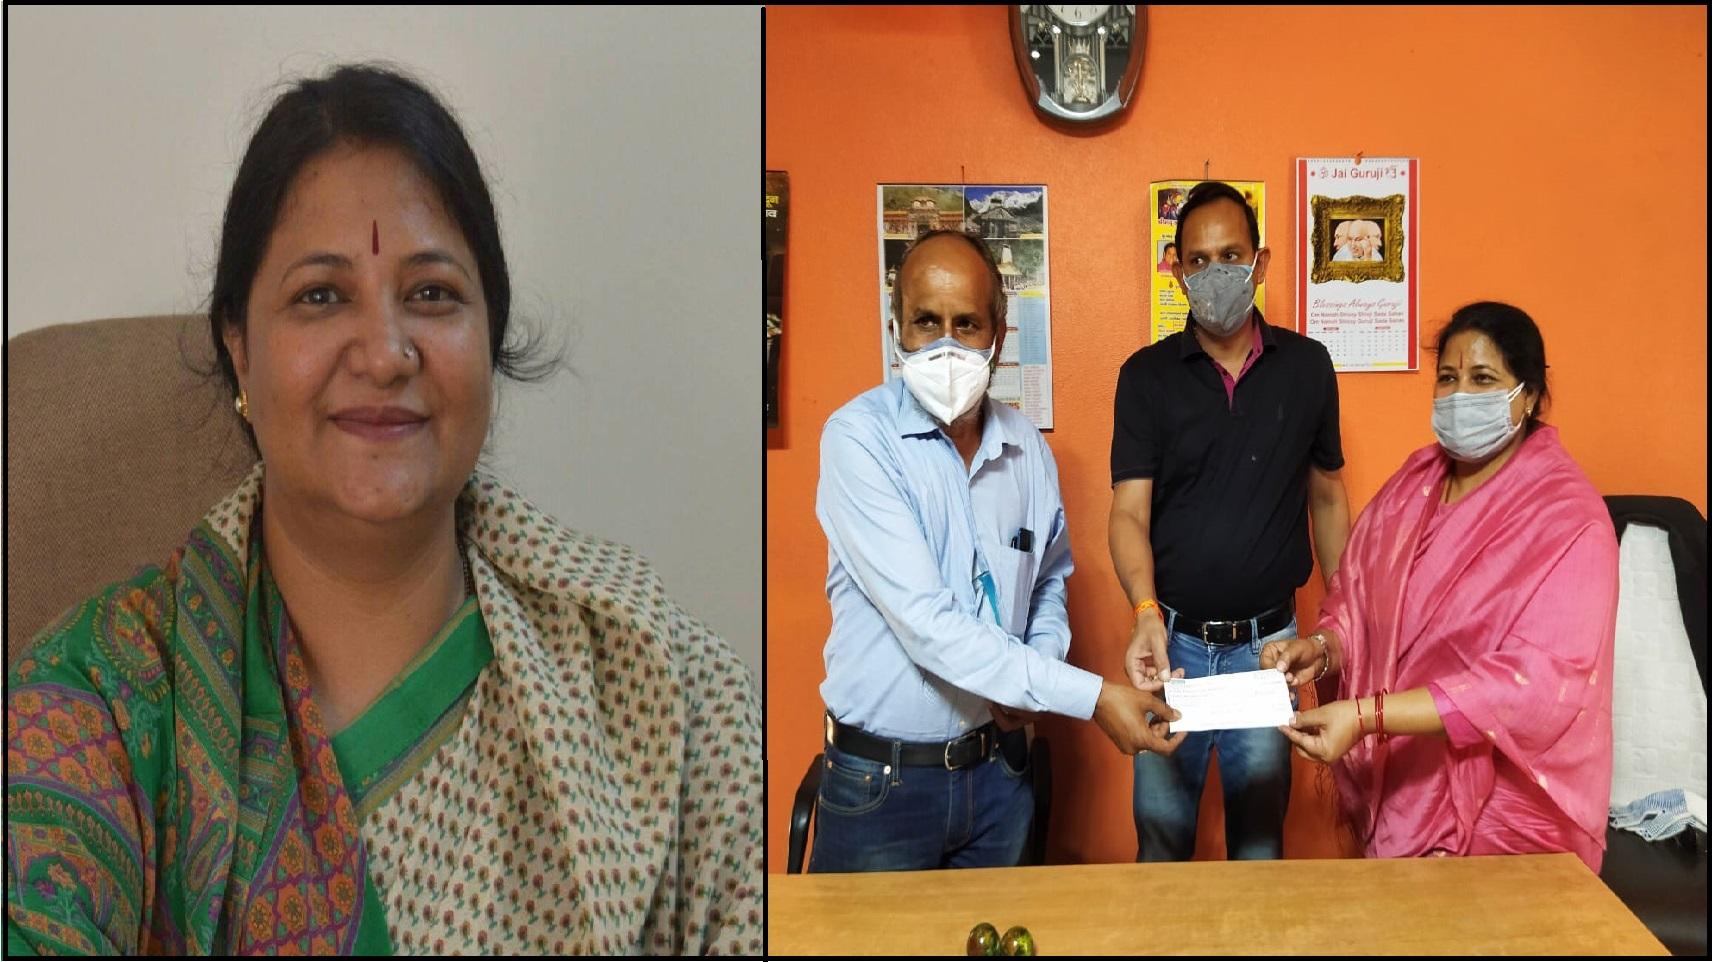 एड0 सुनीता प्रकाश ने दिखाई दरियादिली, जरूरतमंद वकीलों के लिए देहरादून बार एसोसिएशन को सौंपा 1 लाख का चेक